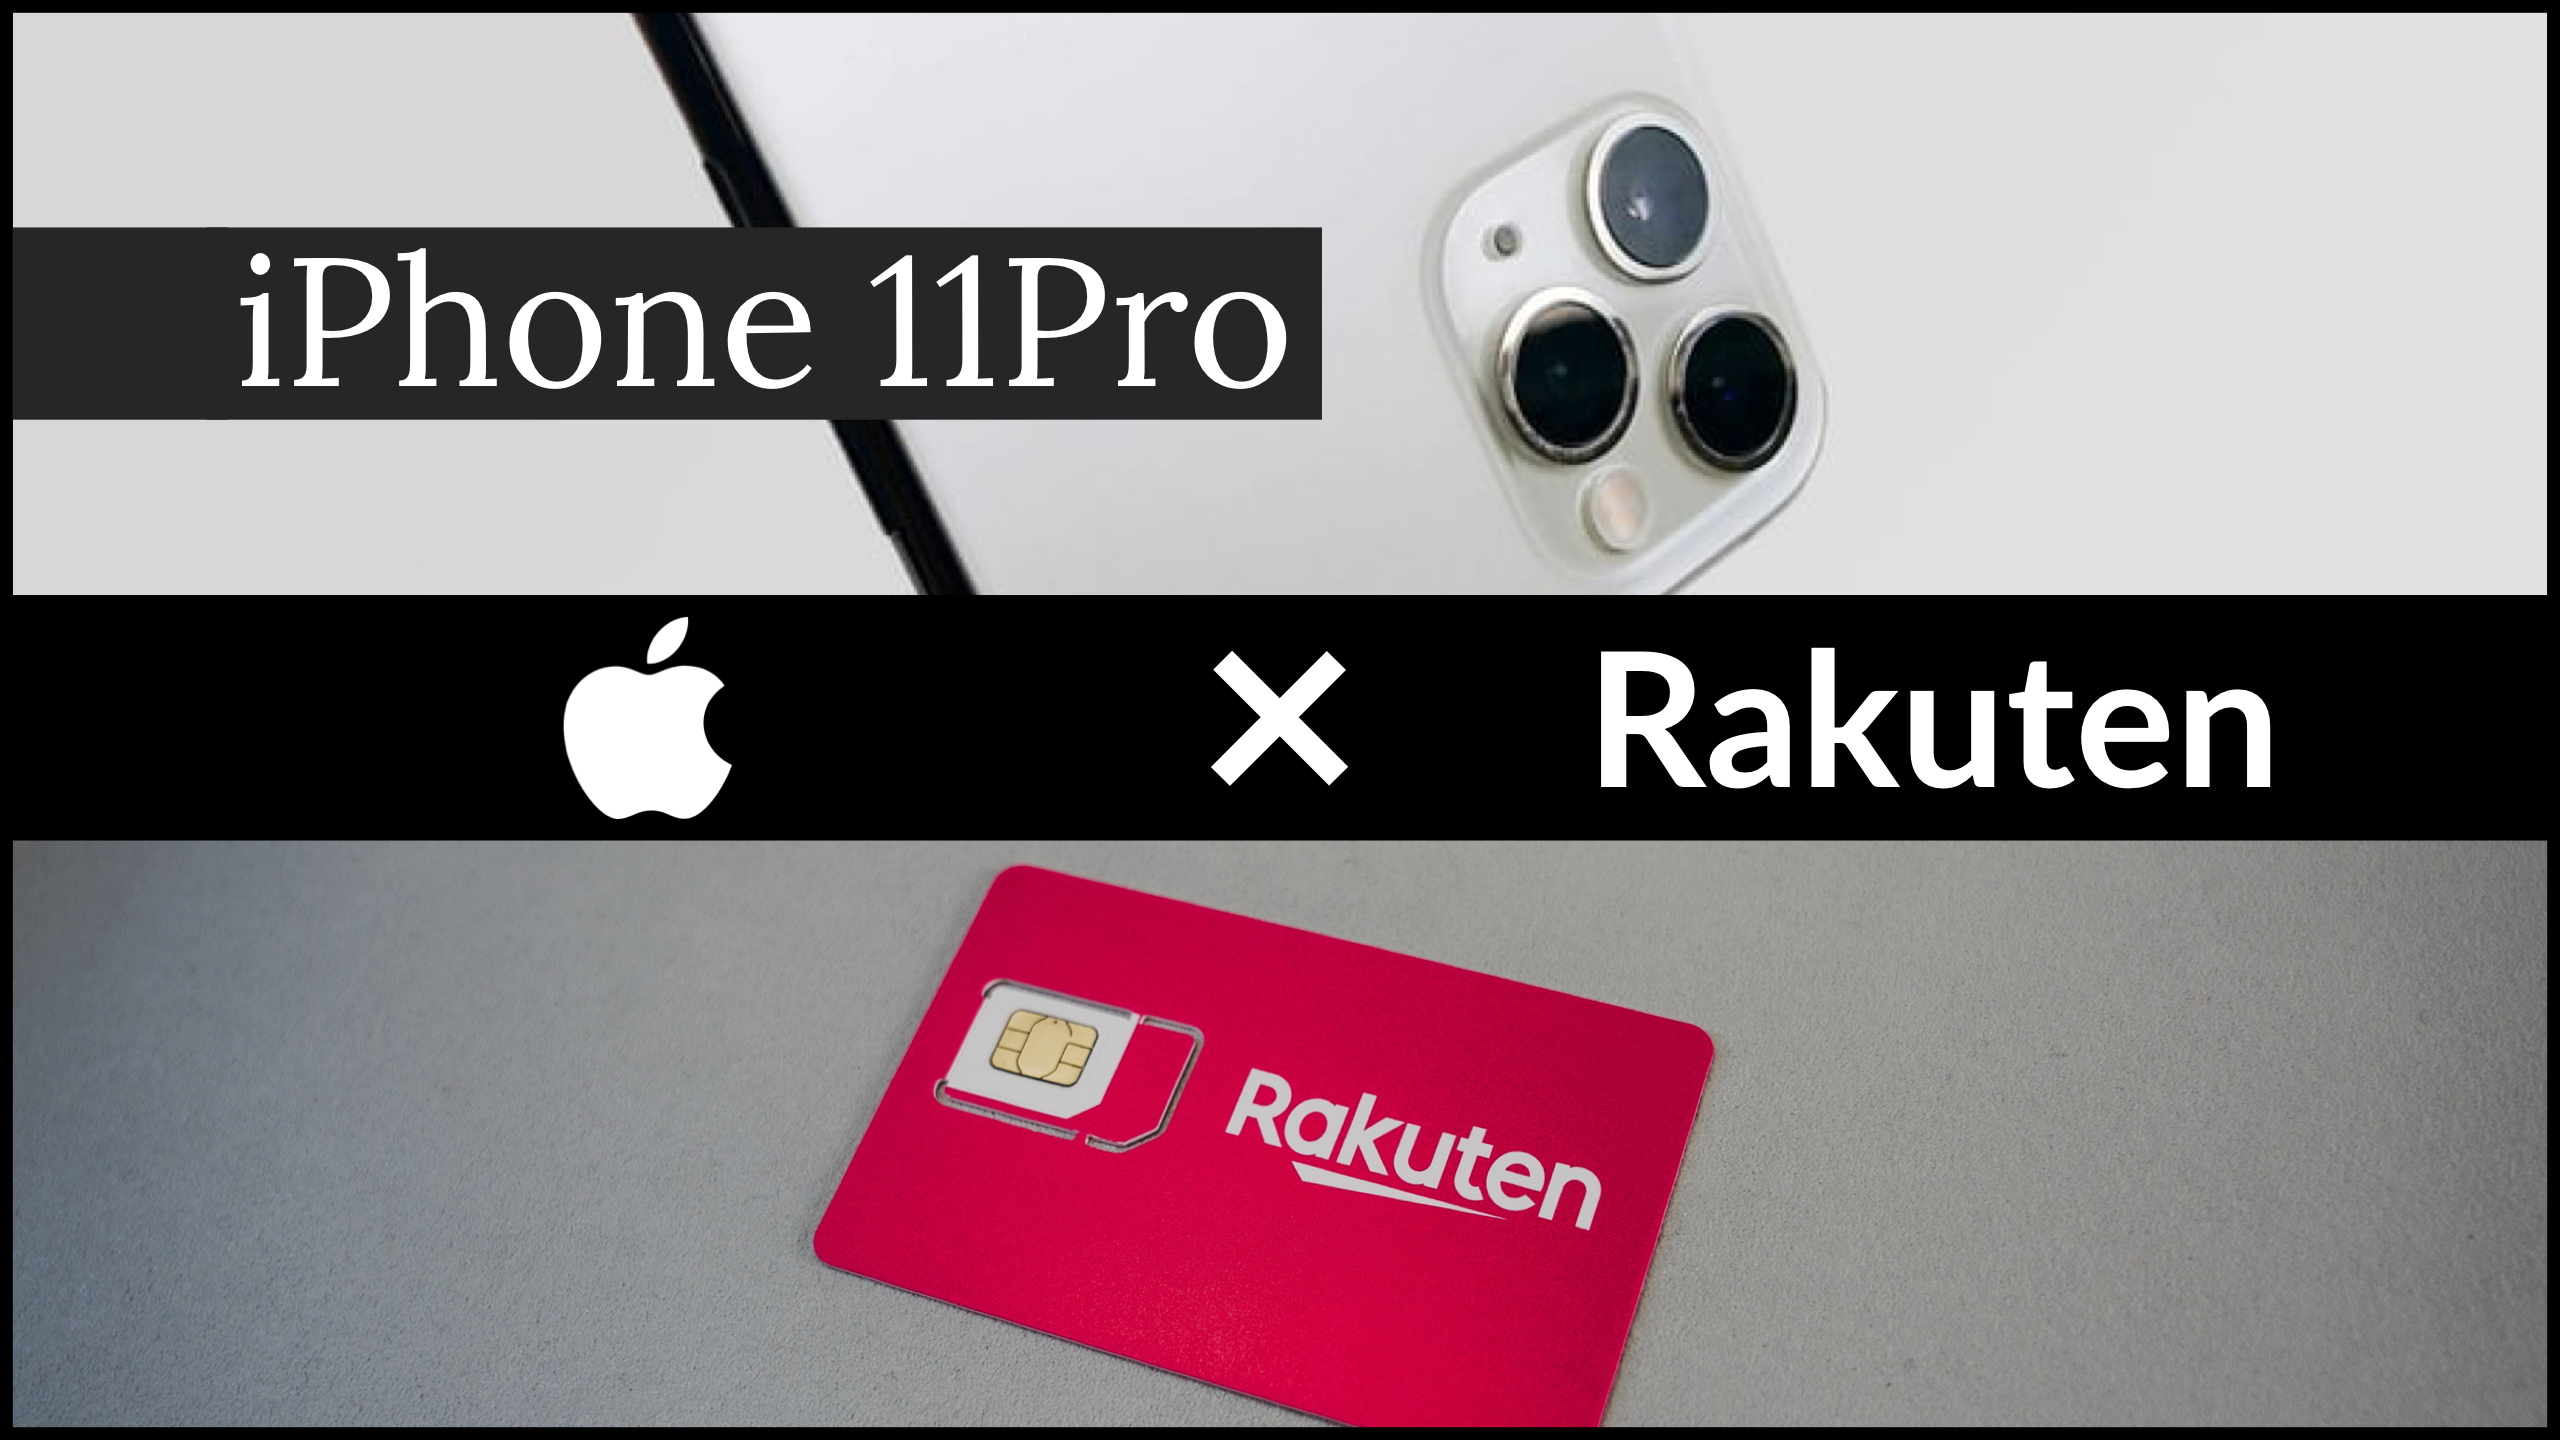 【レビュー】Rakuten UN-LINIT(アンリミット)はiPhone 11ProでもMNPで使える!【移行手順も解説】